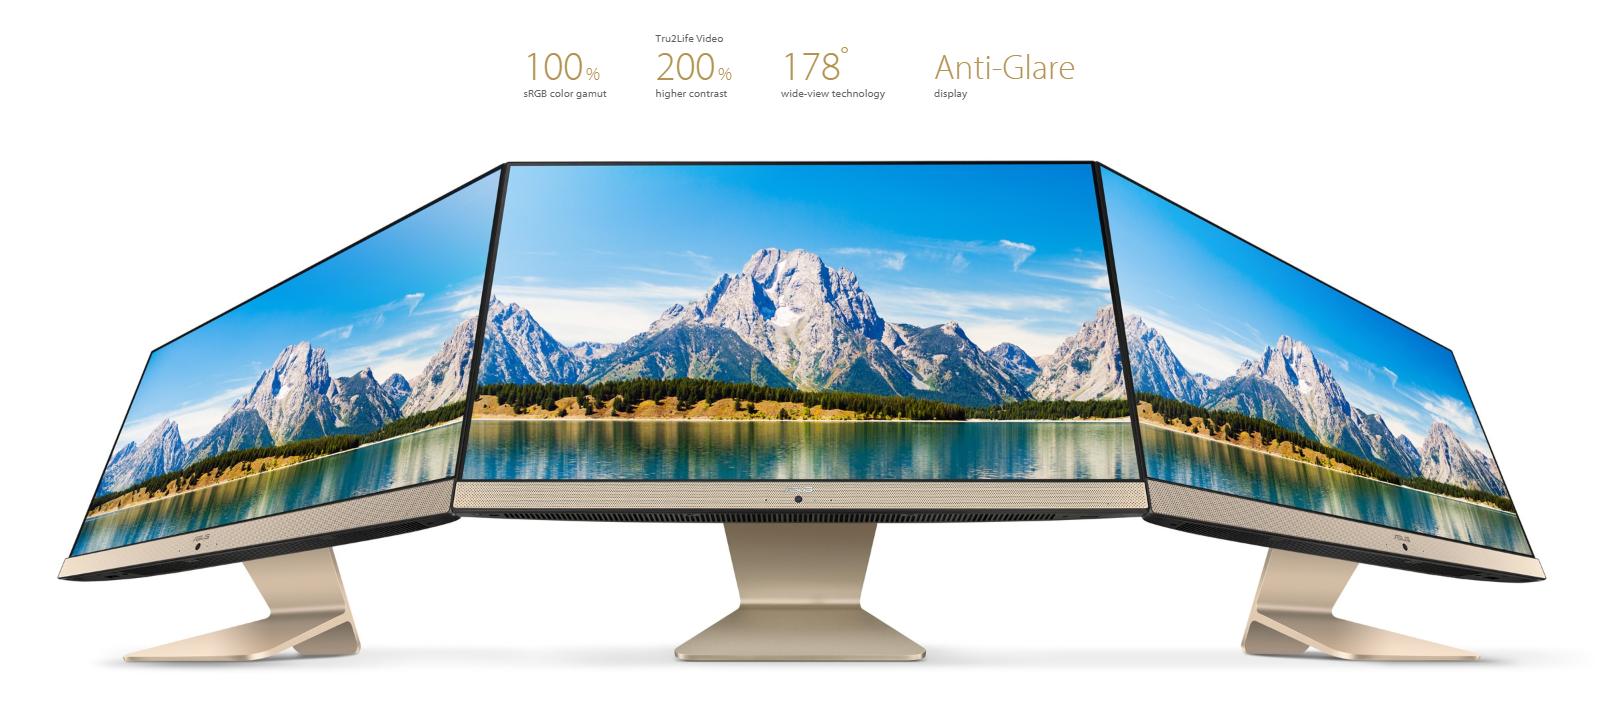 máy tính All-in-One Asus AIO Vivo V222UA